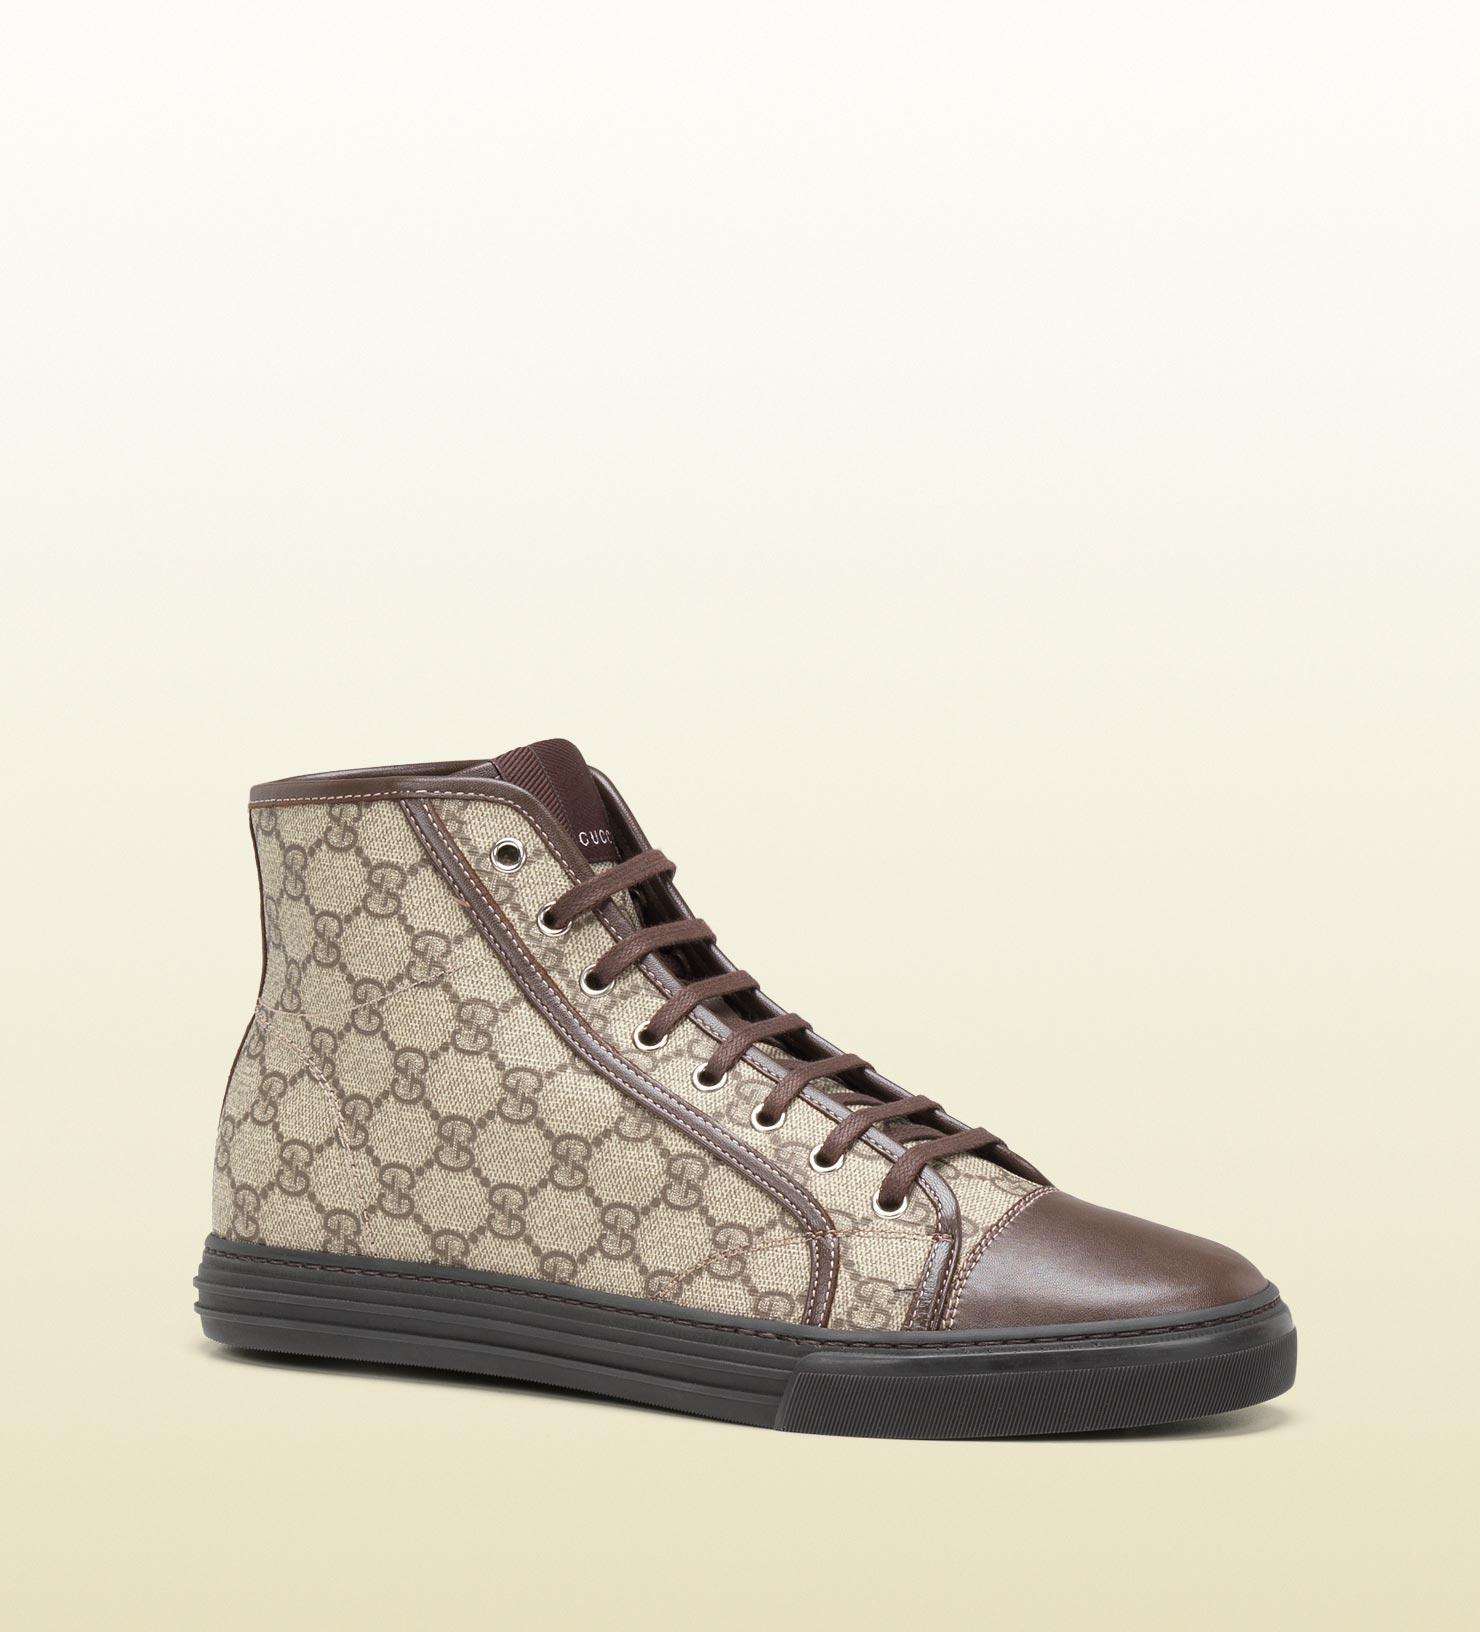 gucci hi top lace up sneaker in brown for men beige lyst. Black Bedroom Furniture Sets. Home Design Ideas